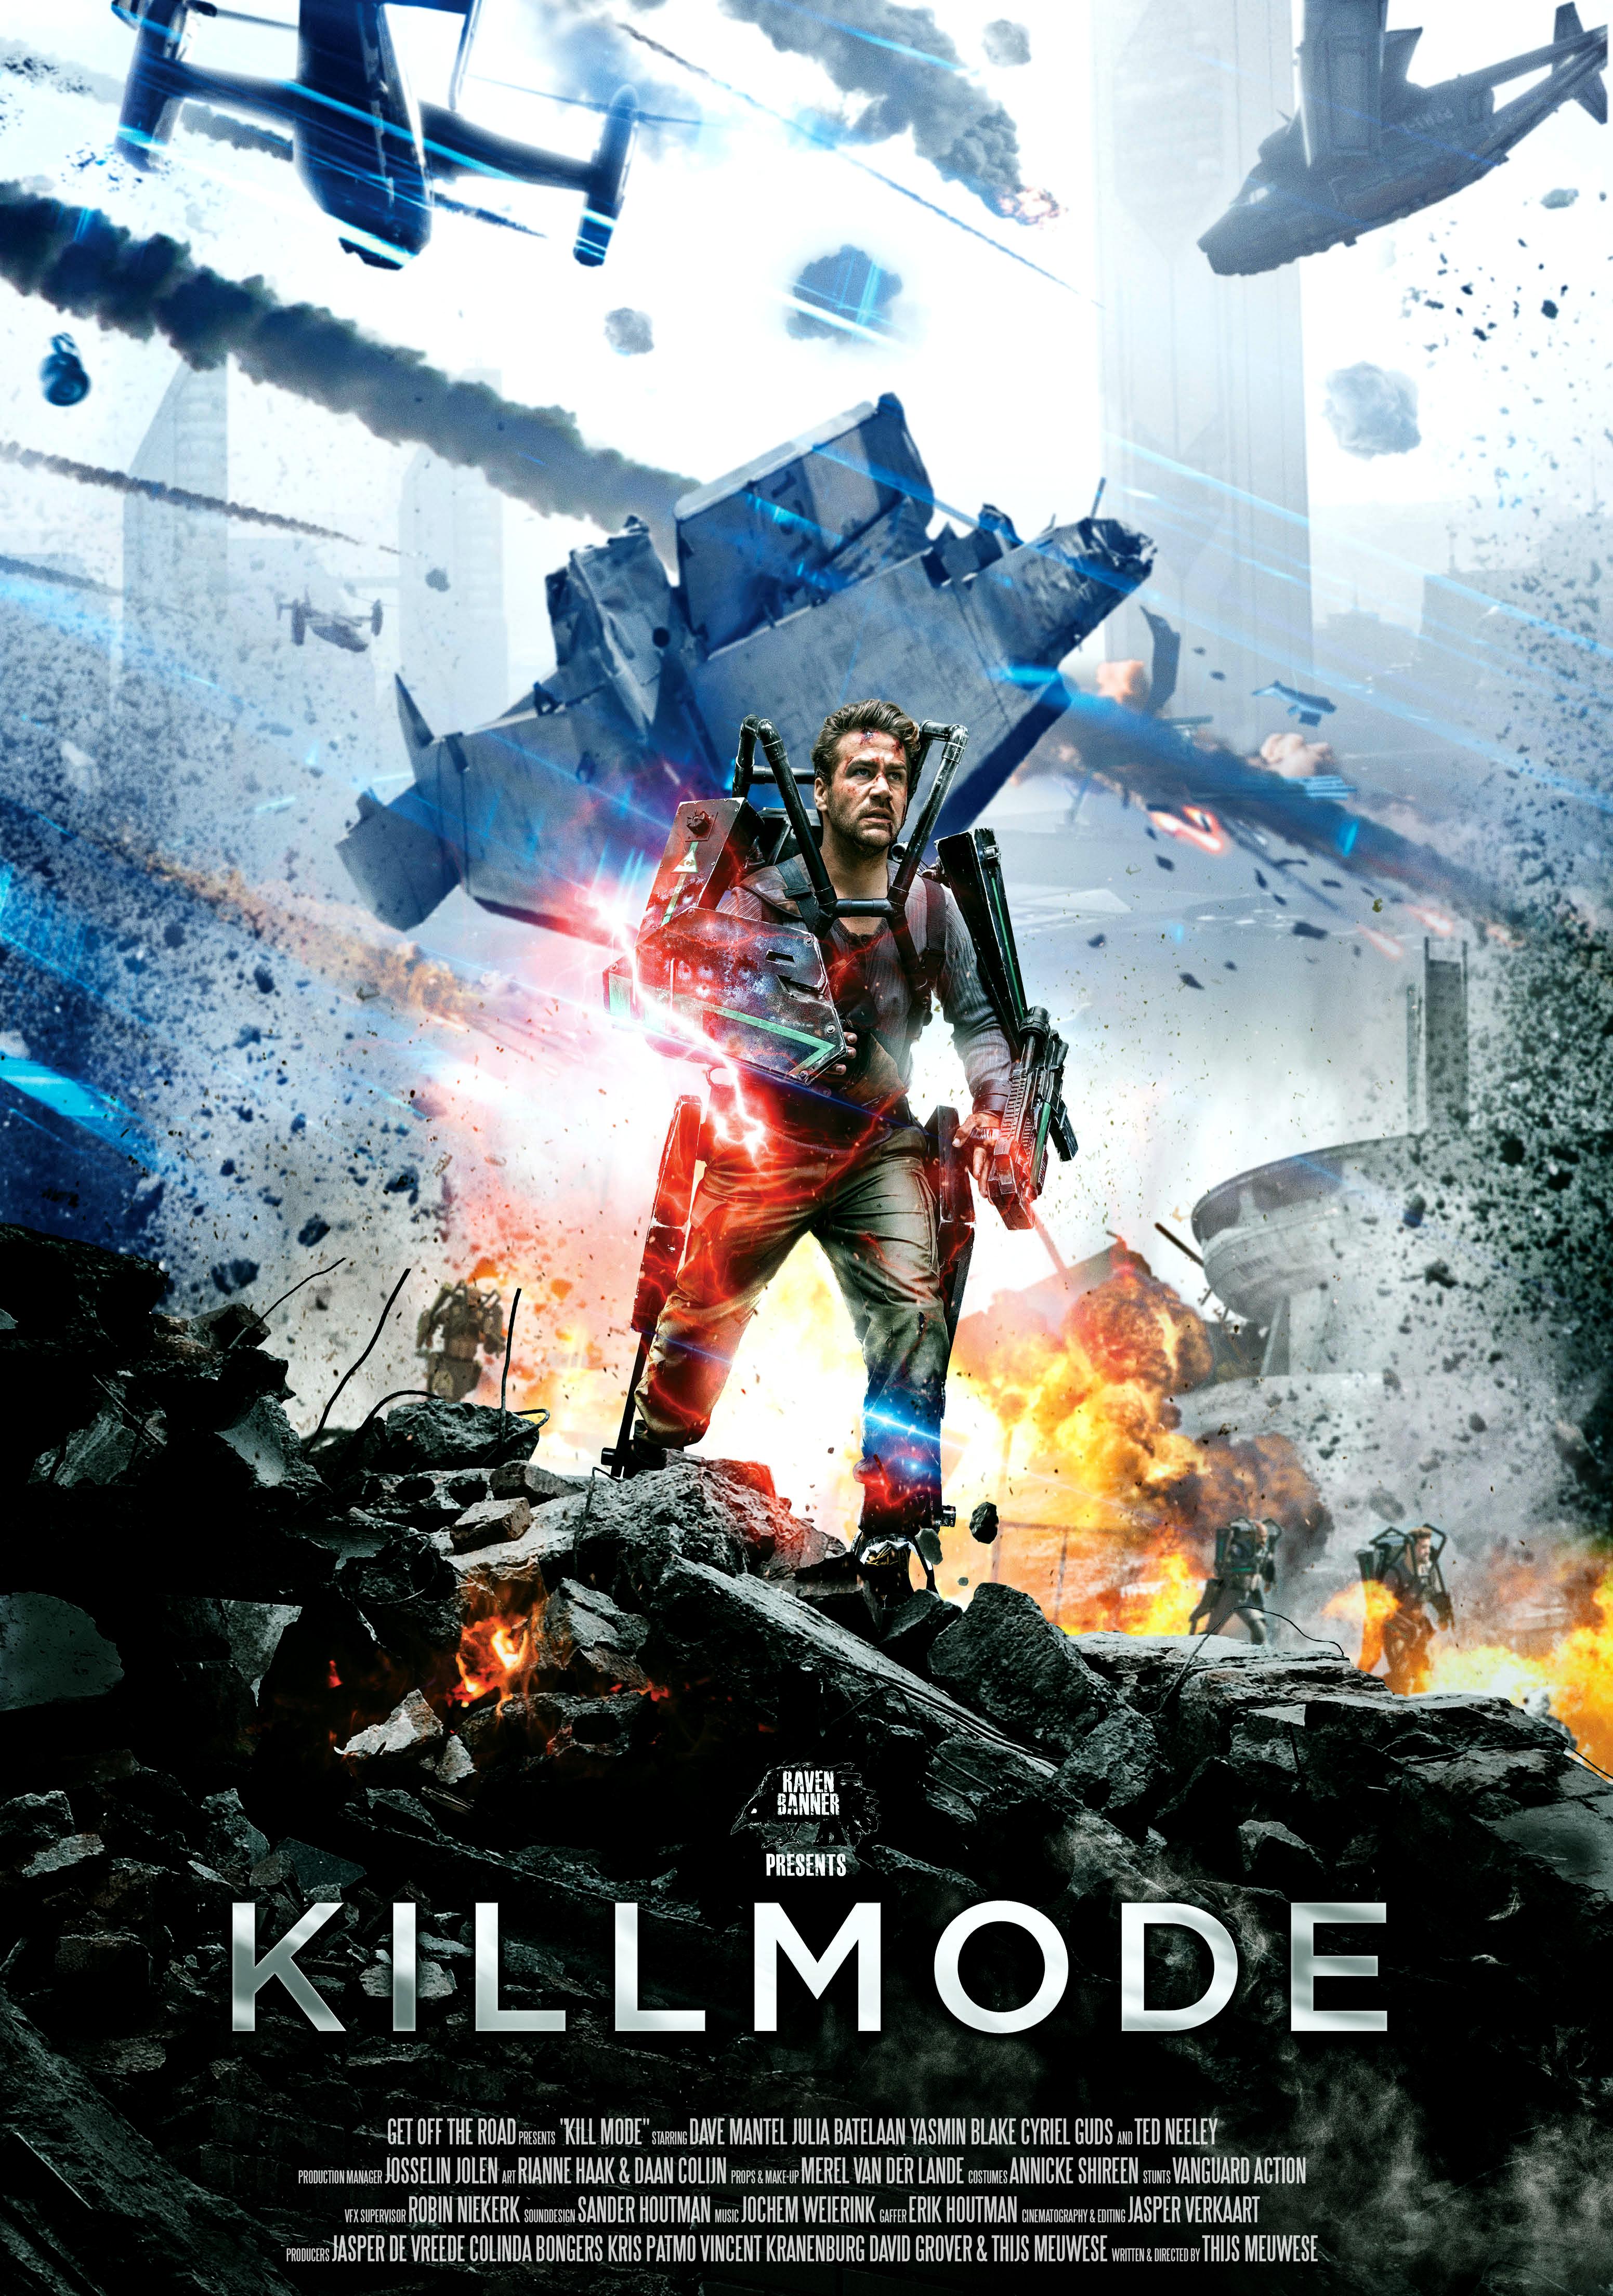 Kill mode (2021)